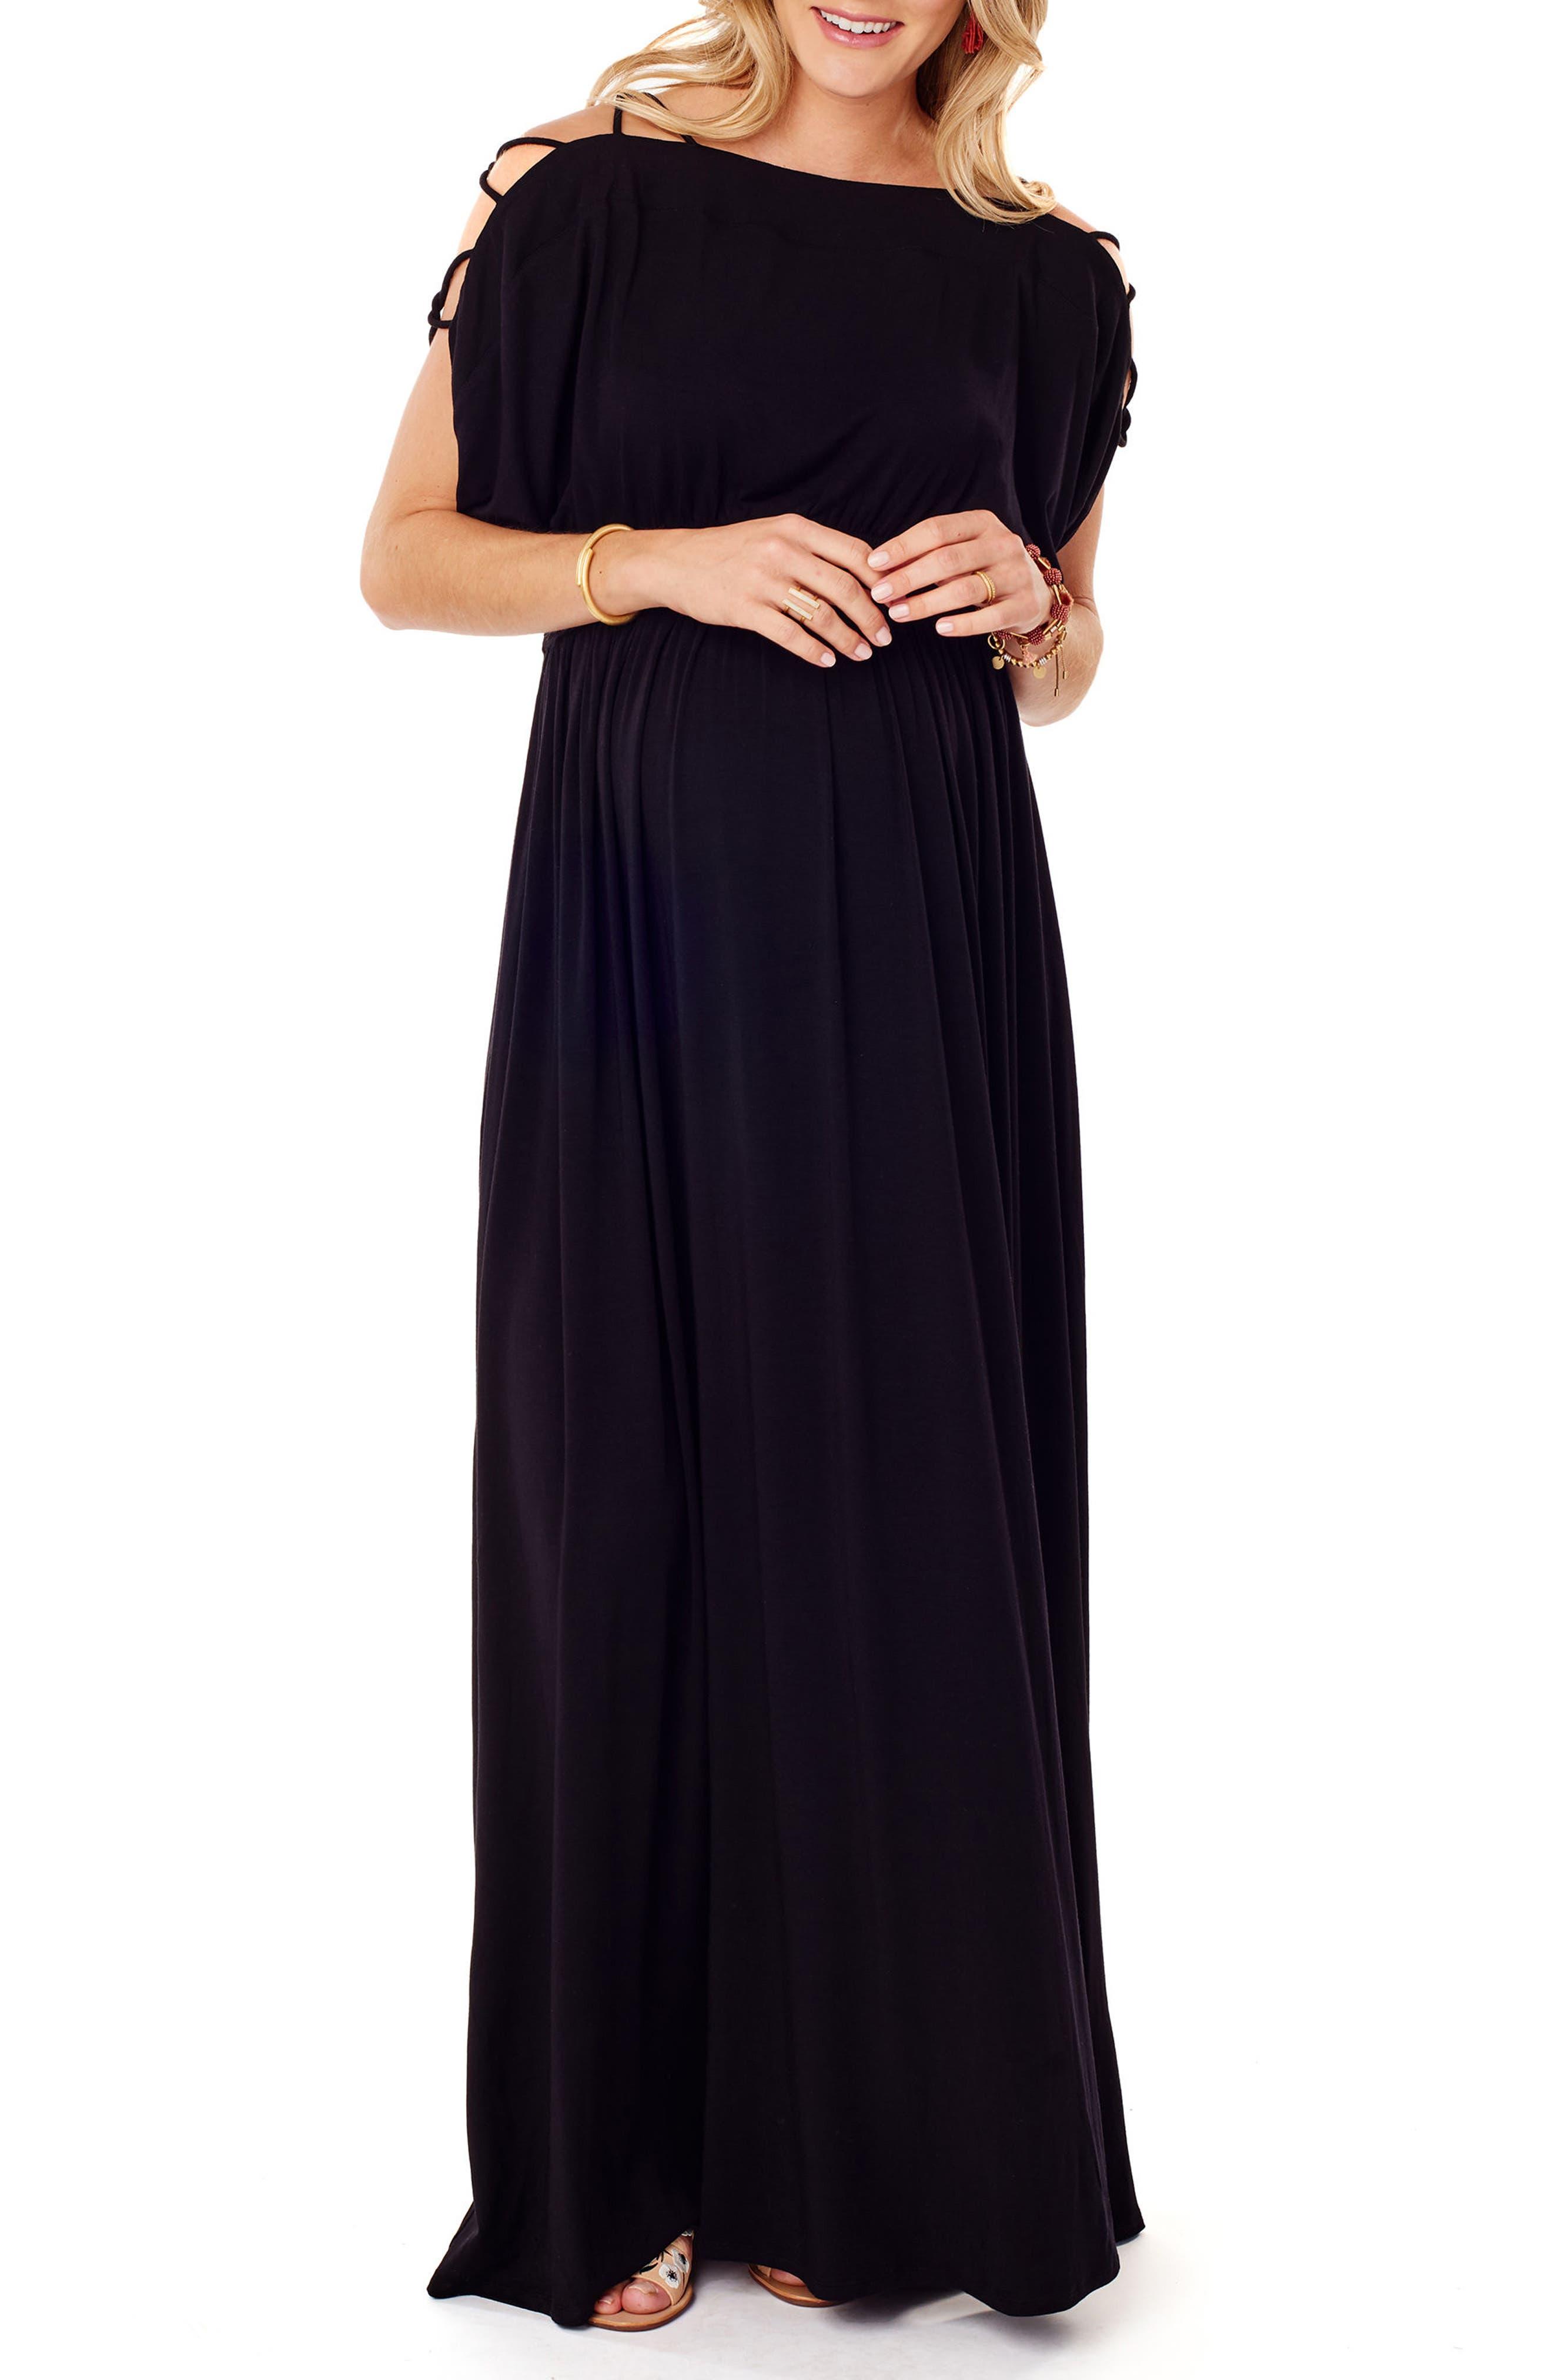 Smocked Empire Waist Maternity Maxi Dress, Main, color, JET BLACK